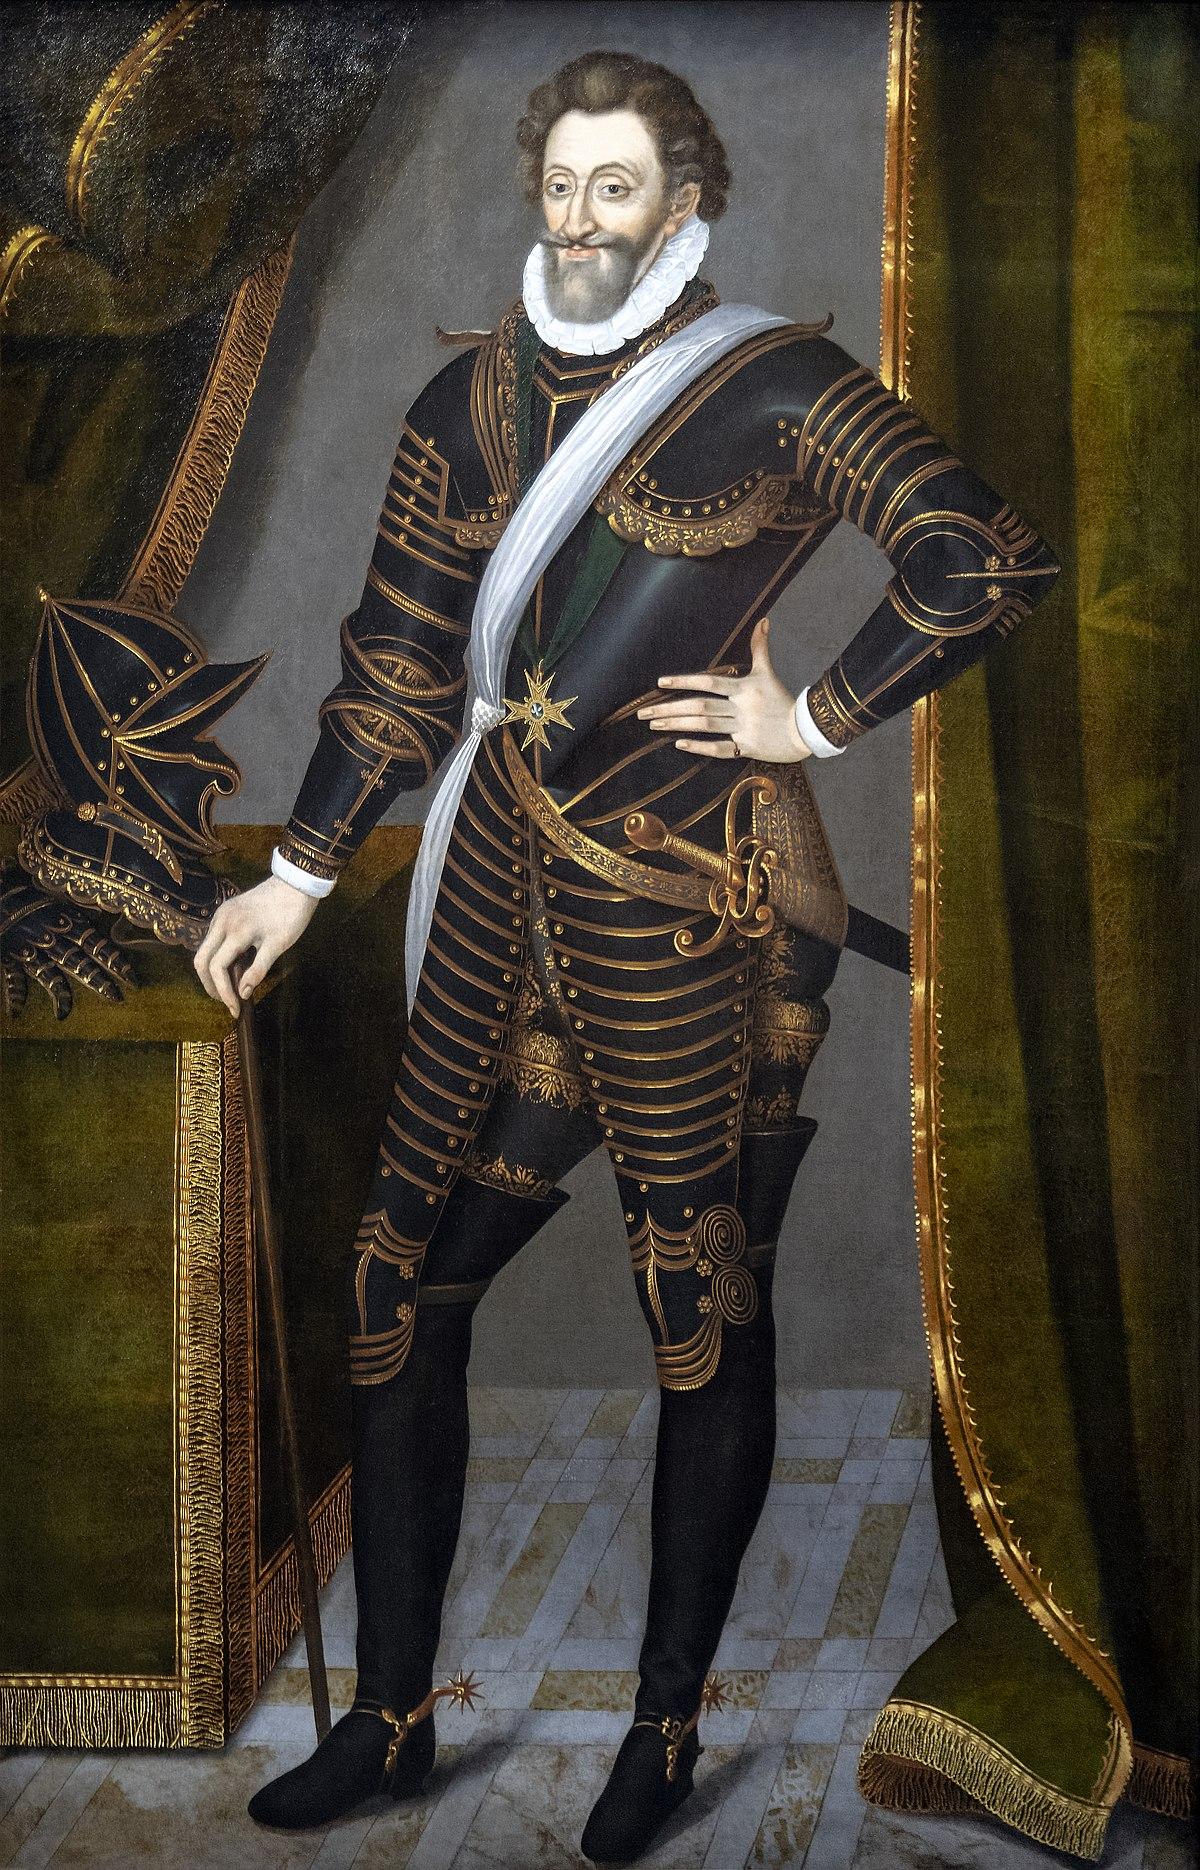 Henri 4 Roi De France : henri, france, File:Augustins, Henri, France, Navarre, Jacques, Boulbène.jpg, Wikimedia, Commons